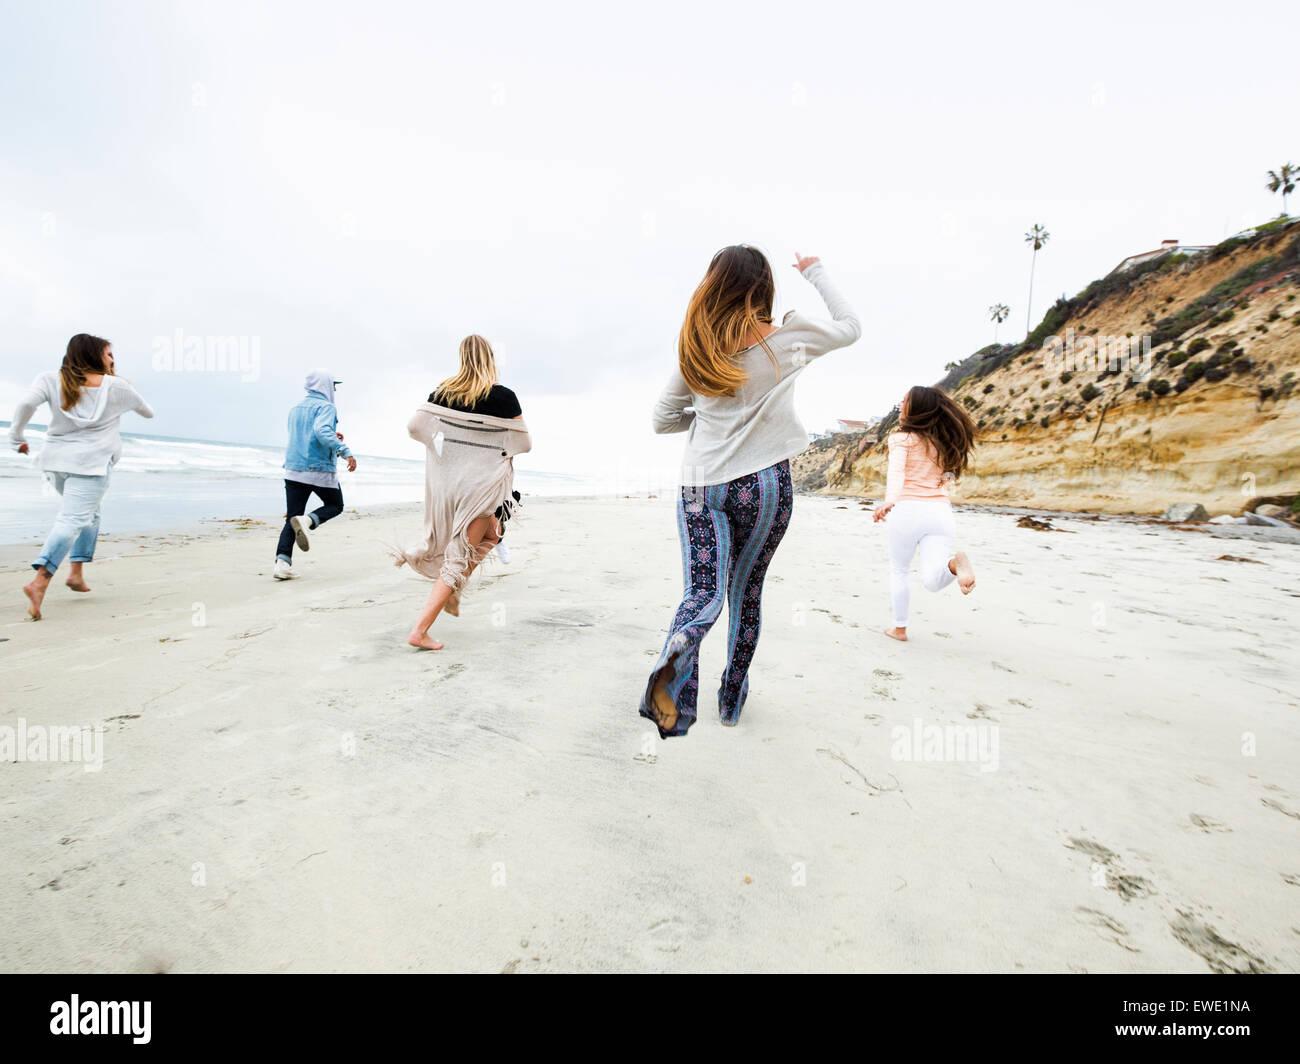 Un grupo de jóvenes, hombres y mujeres, que se ejecuta en una playa, diversión Imagen De Stock